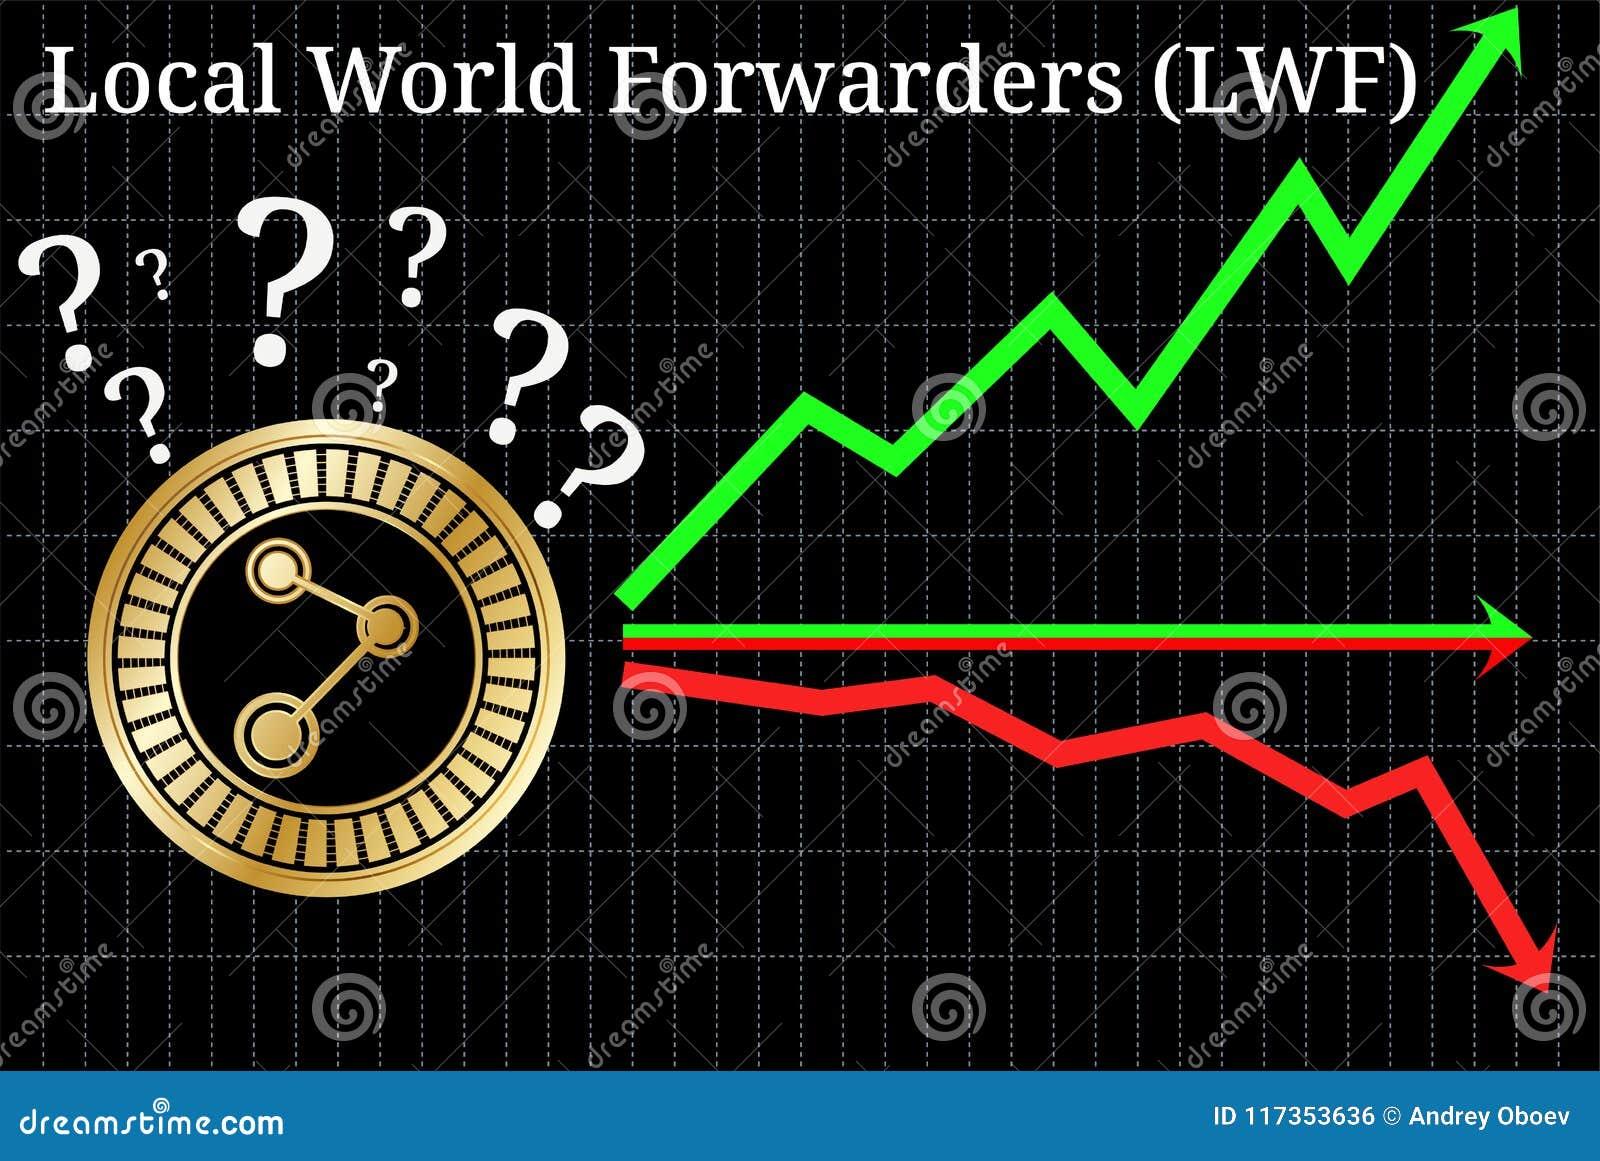 Mogelijke grafieken van Forwarders LWF van de voorspellings Lokale Wereld - omhoog, onderaan of horizontaal